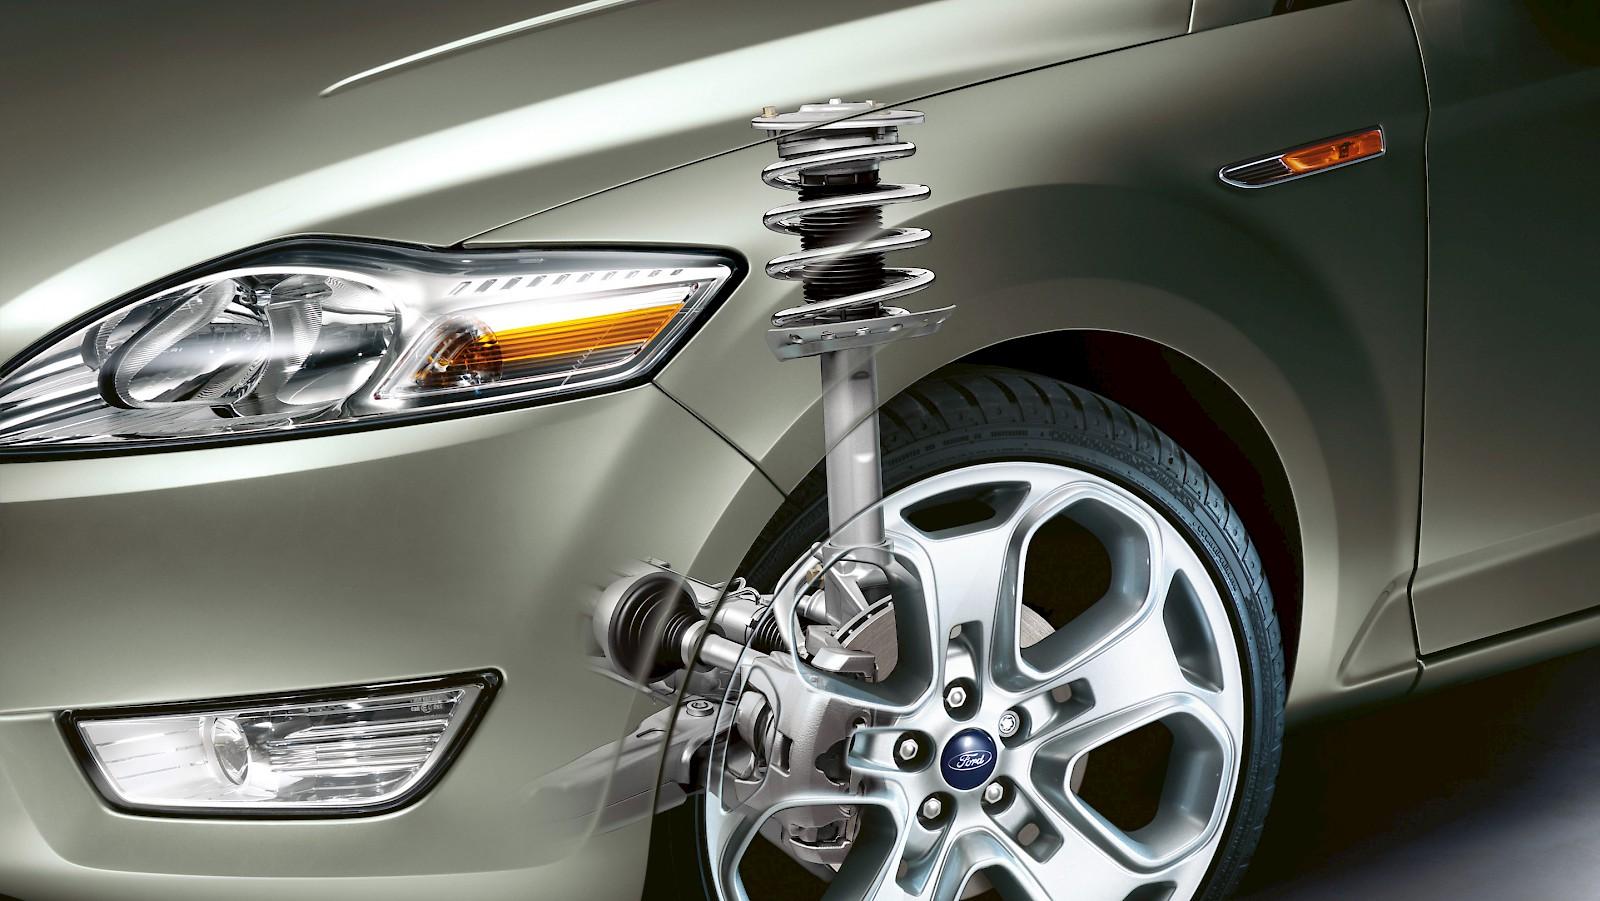 колесо и элементы подвески автомобиля